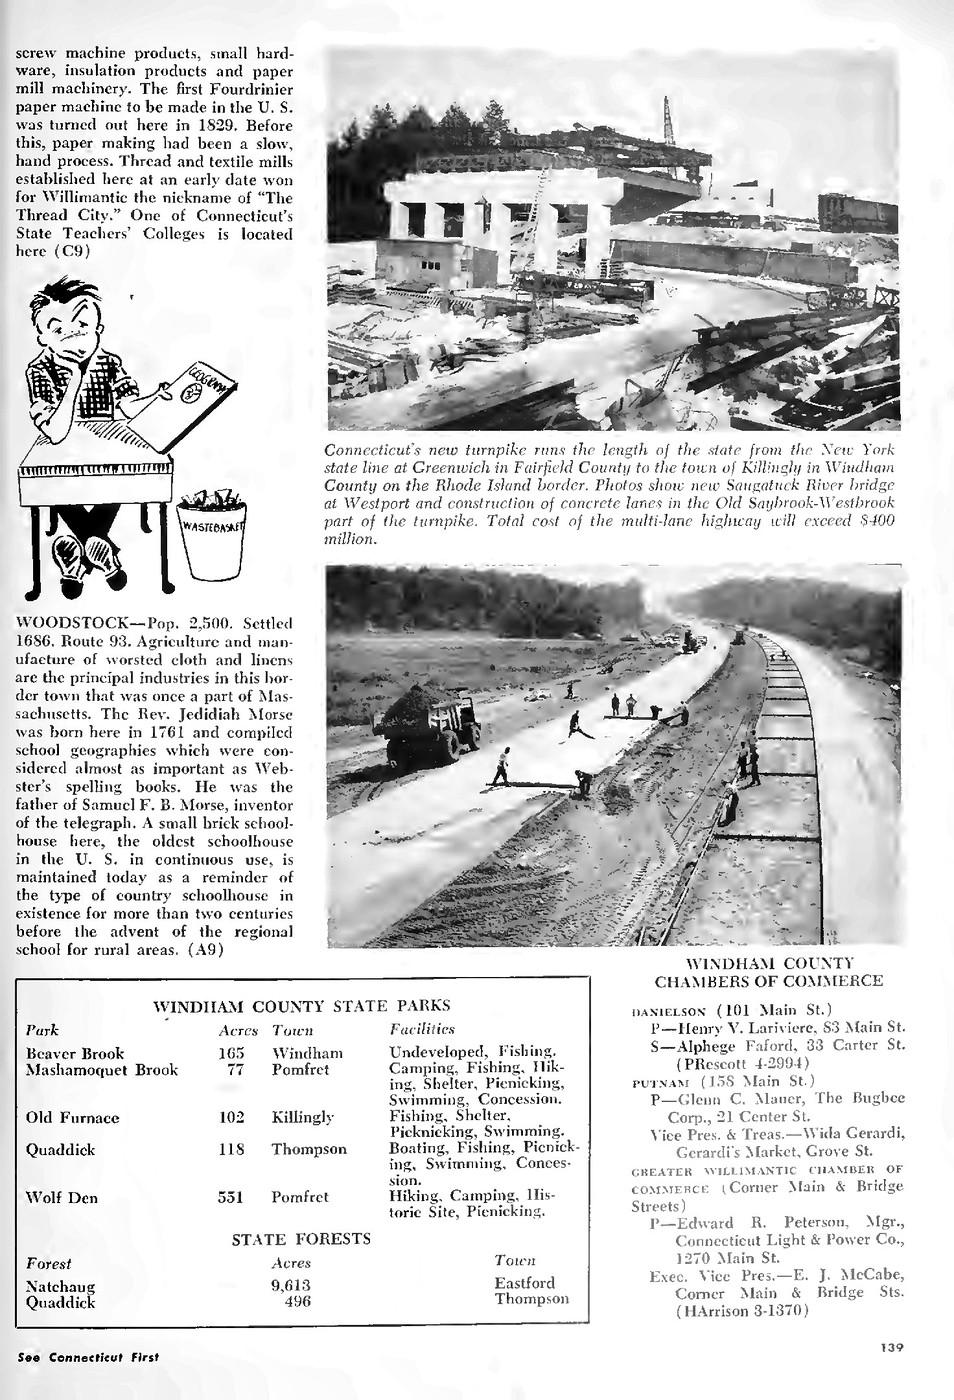 PAGE139-vi.jpg